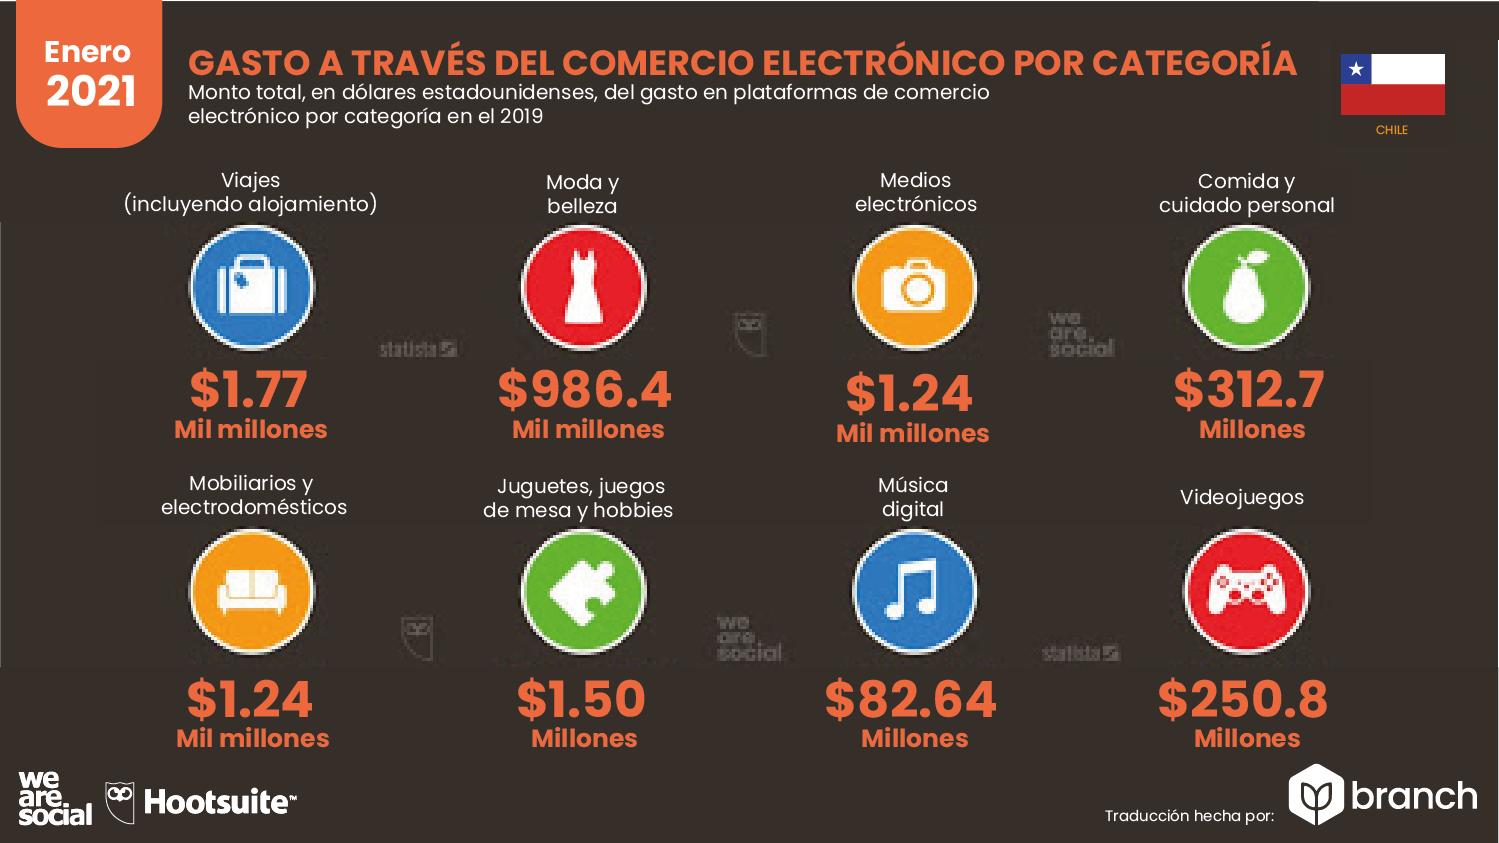 gastos-en-compras-ecommerce-chile-2020-2021